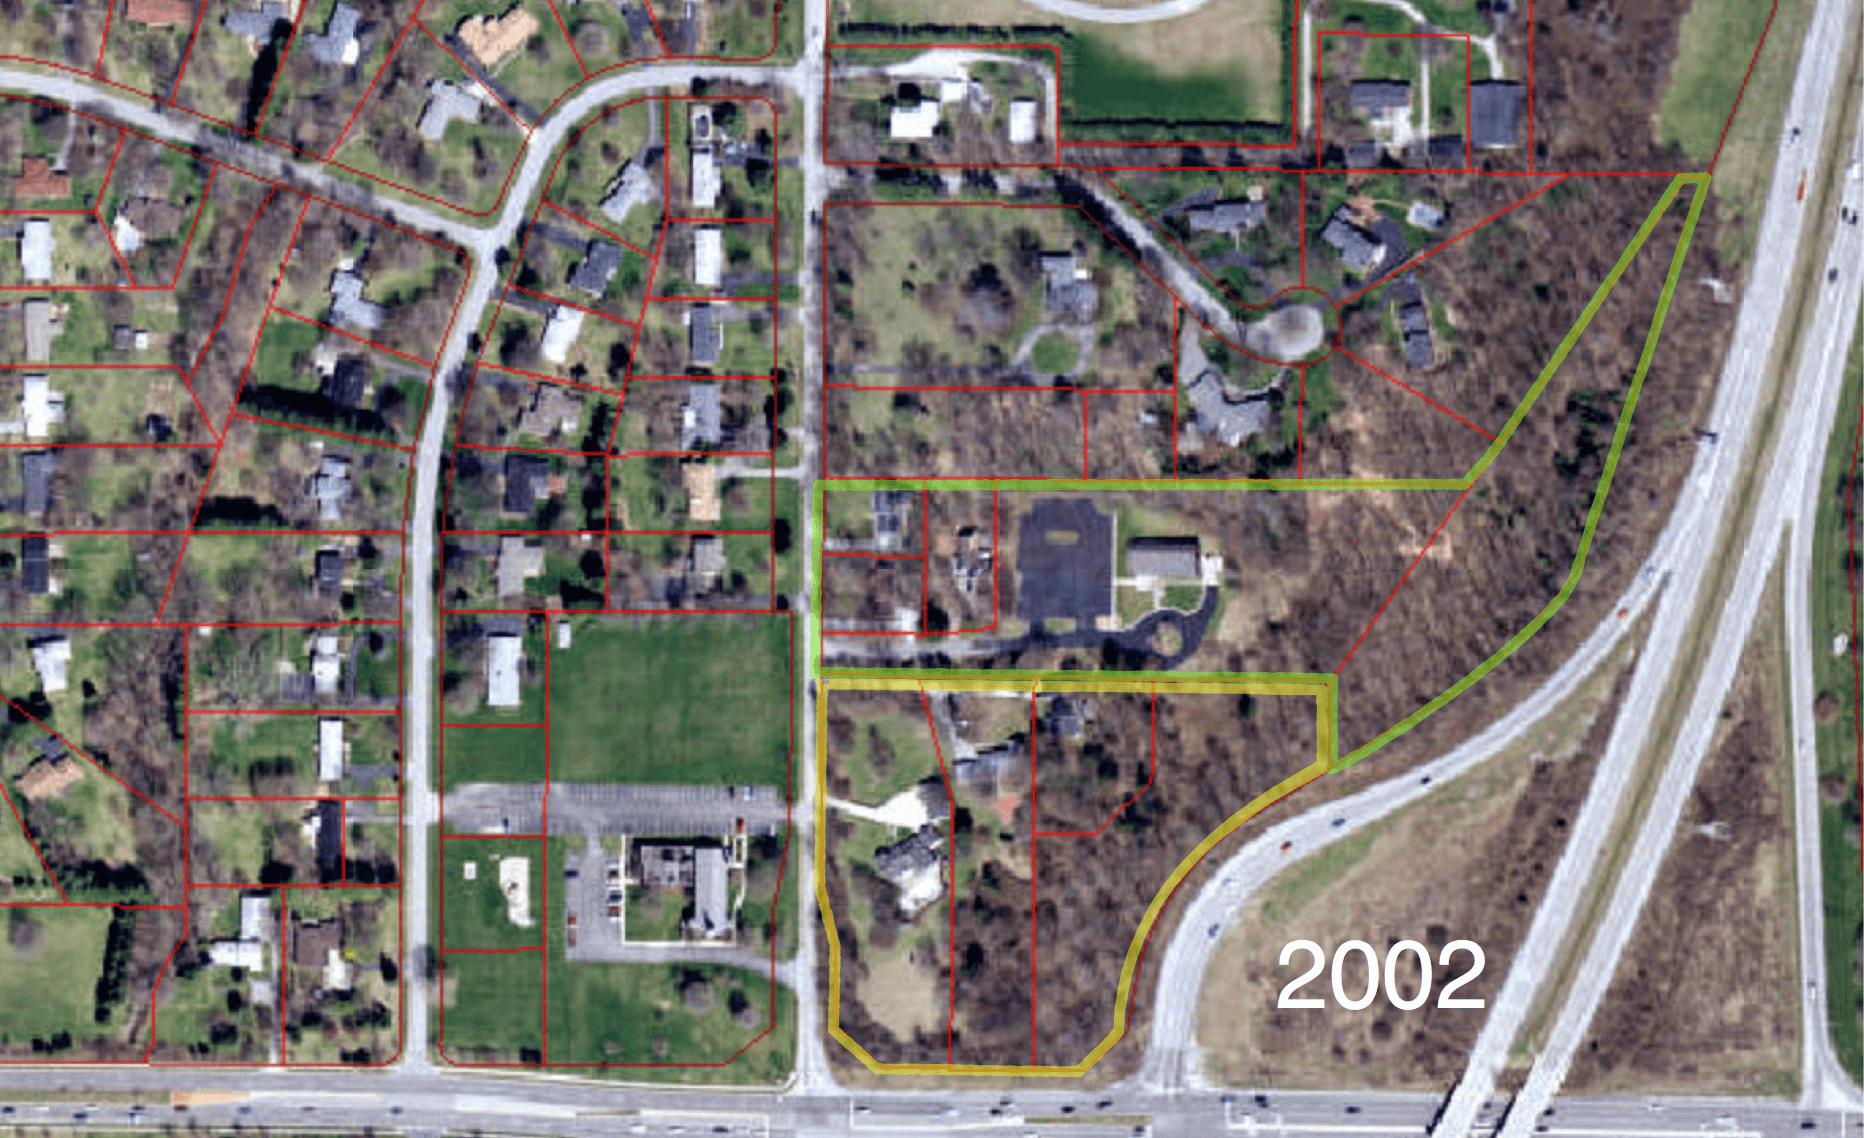 2002-site